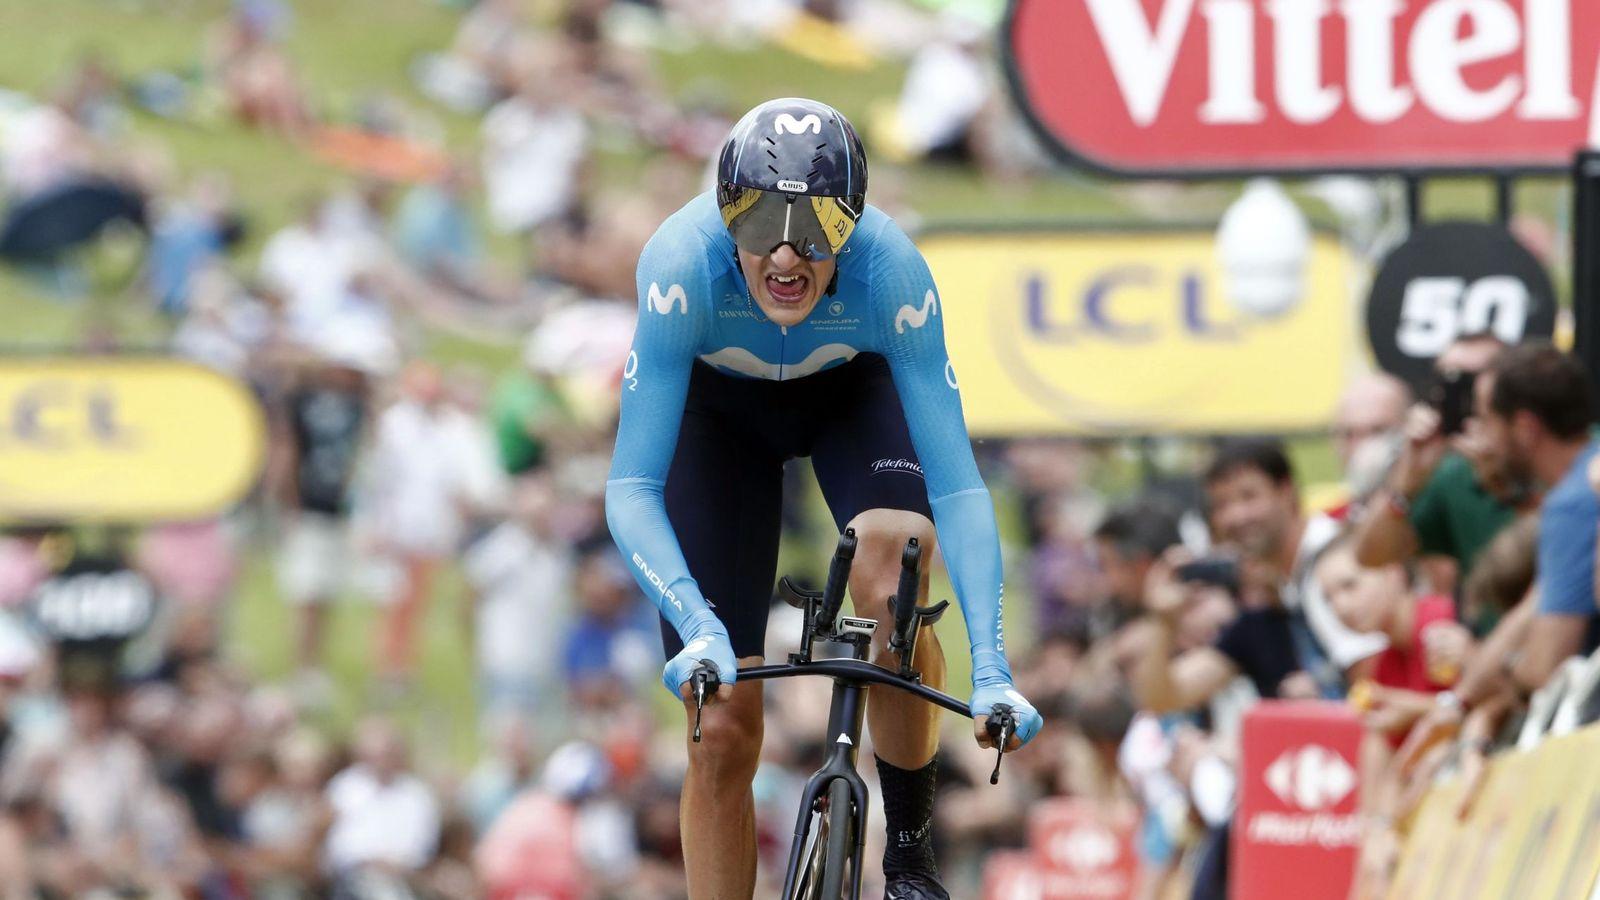 Foto: Marc Soler ha debutado este año en el Tour de Francia. Es su segunda carrera de tres semanas, tras la Vuelta a España 2018. (Reuters)